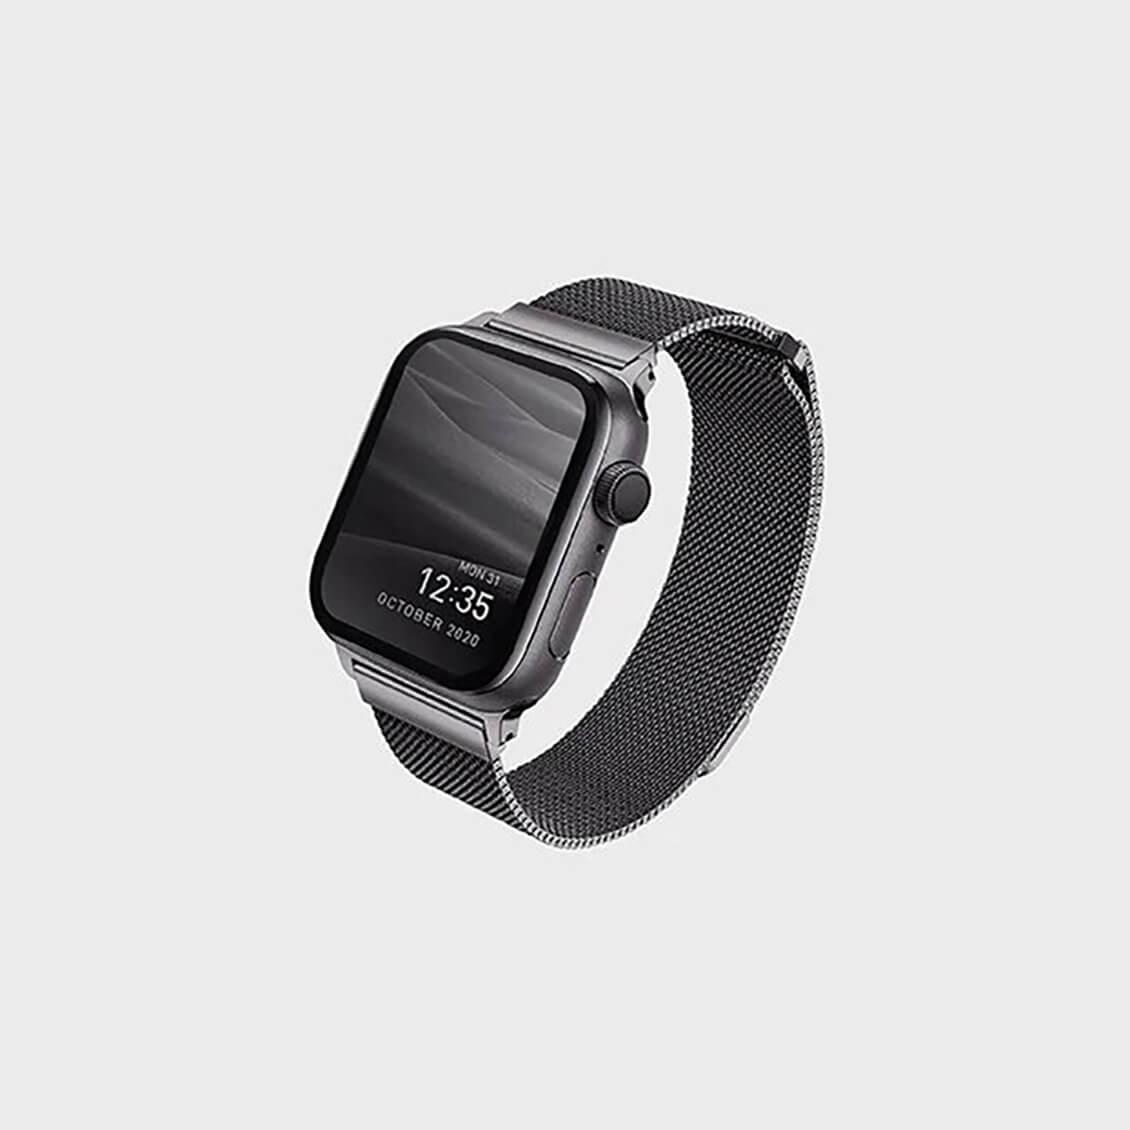 بند اپل واچ بافت استیل یونیک مدل Dantewatch مناسب برای اپل واچ 40MM